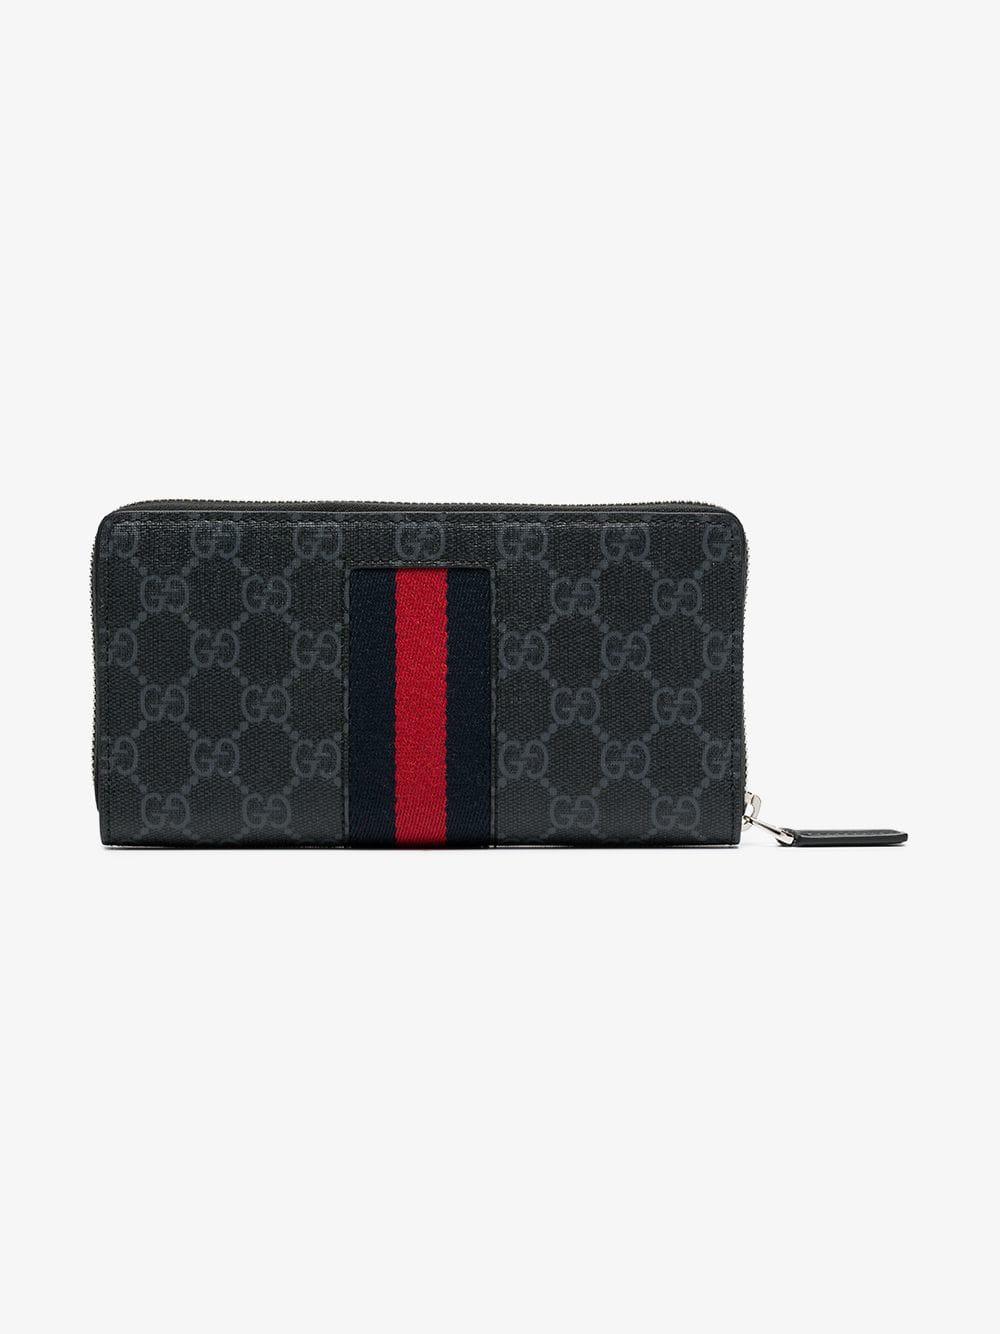 630787634d65 Gucci Black Gg Supreme Web Zip Around Wallet | ModeSens